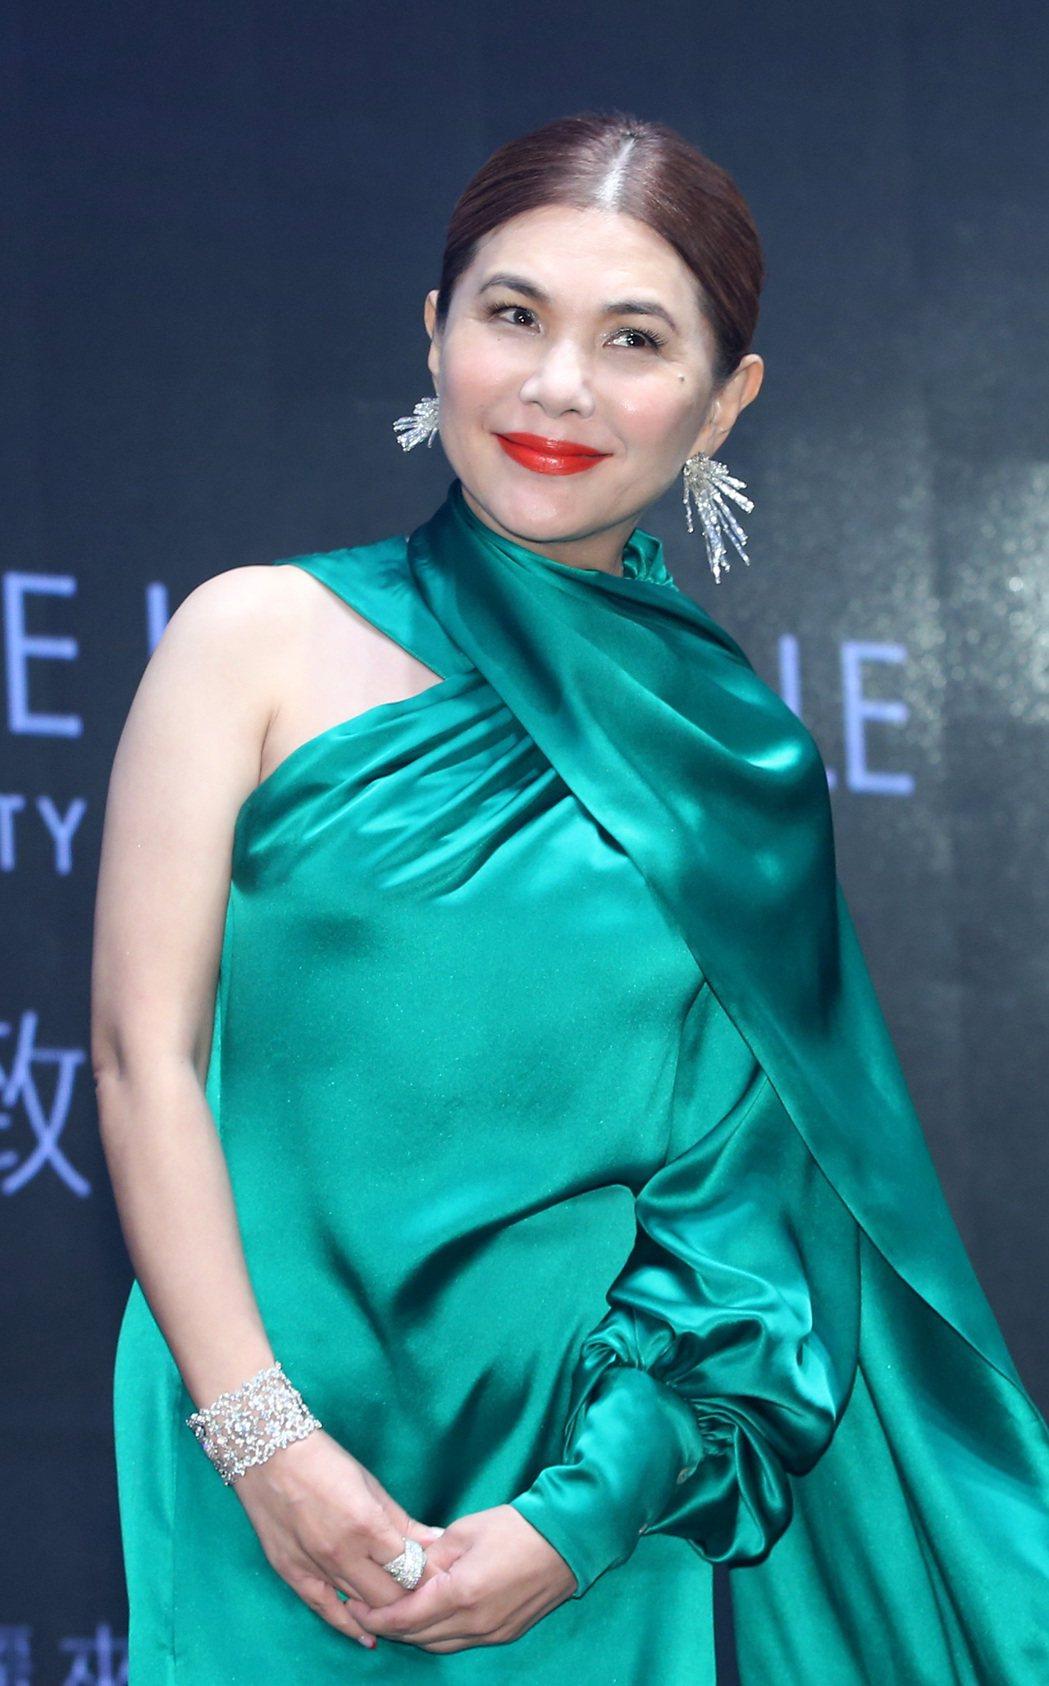 張清芳過去曾是「歌壇東方不敗」。本報資料照片